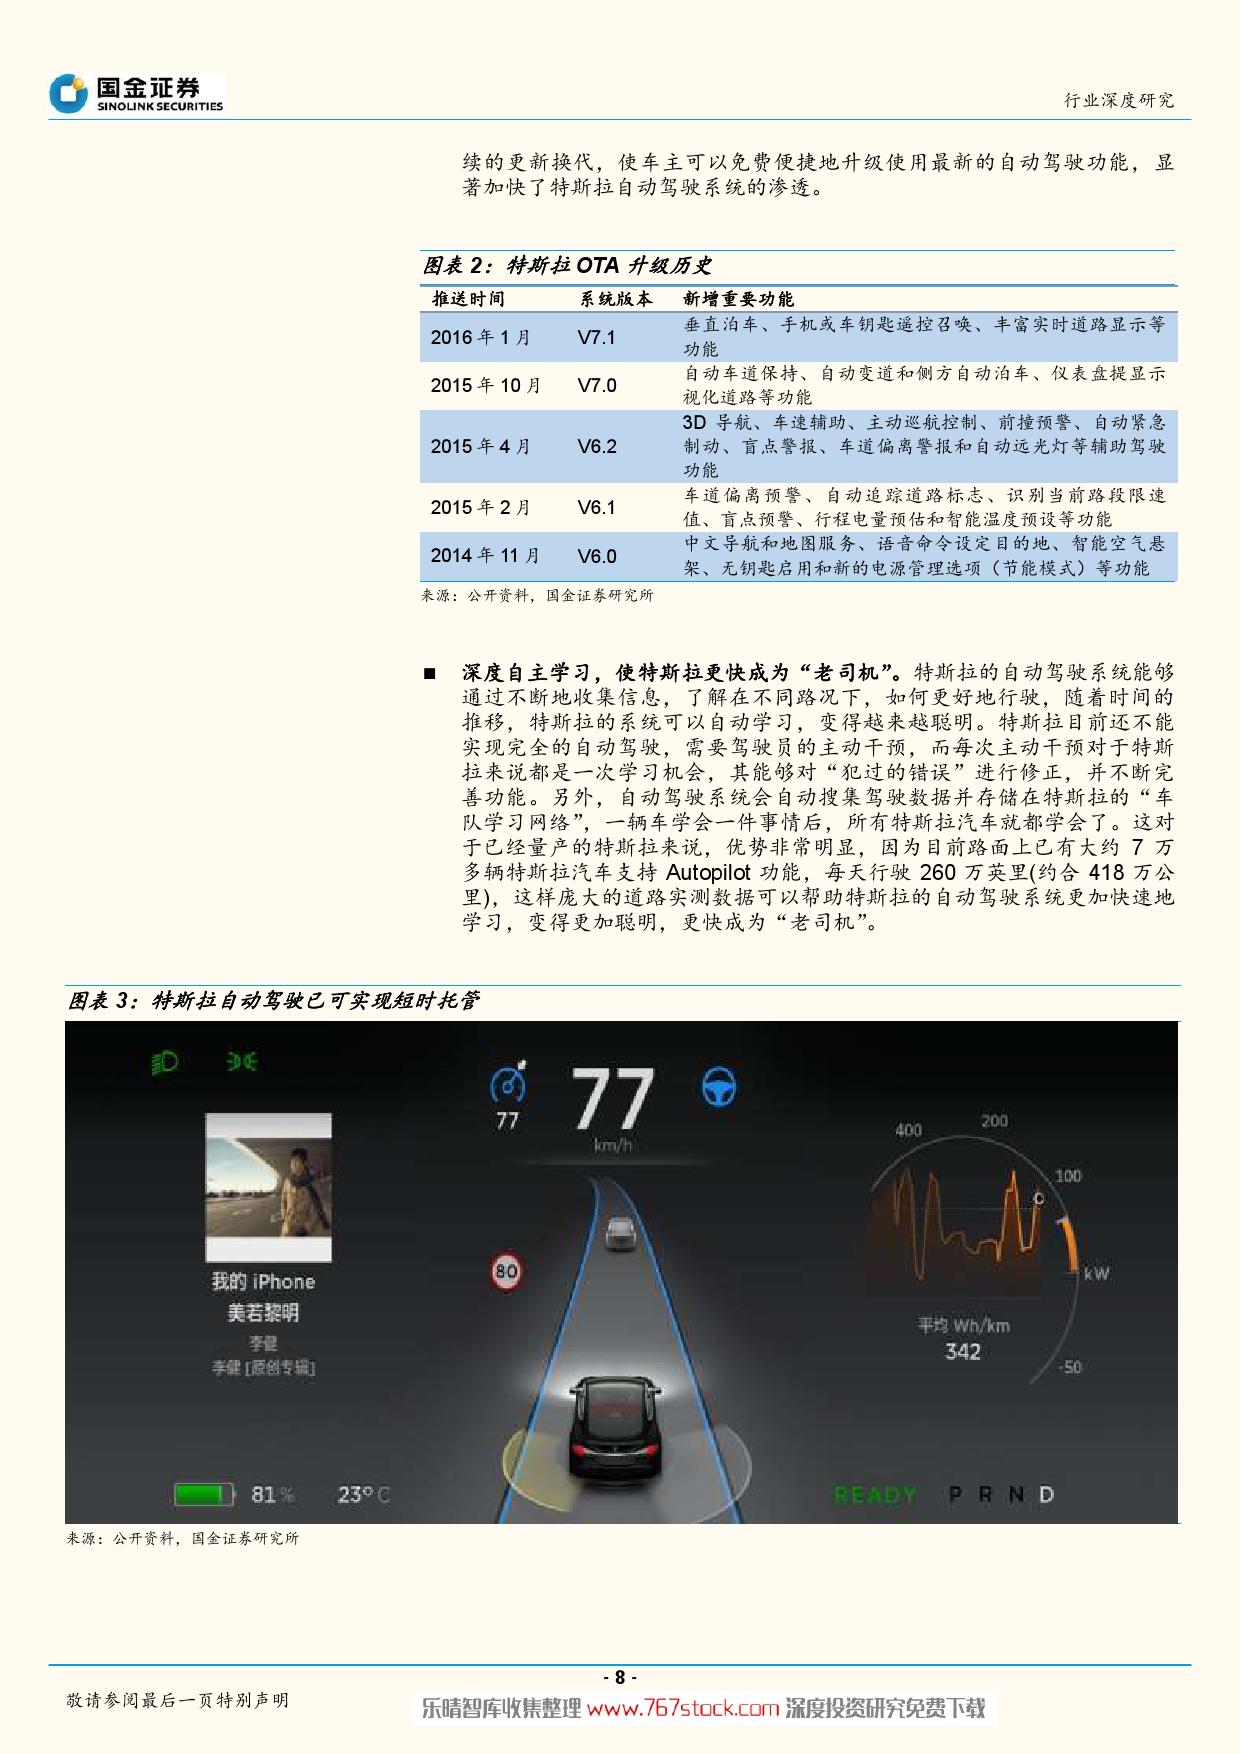 特斯拉产业系列深度报告-智能驾驶爆发在即_000008